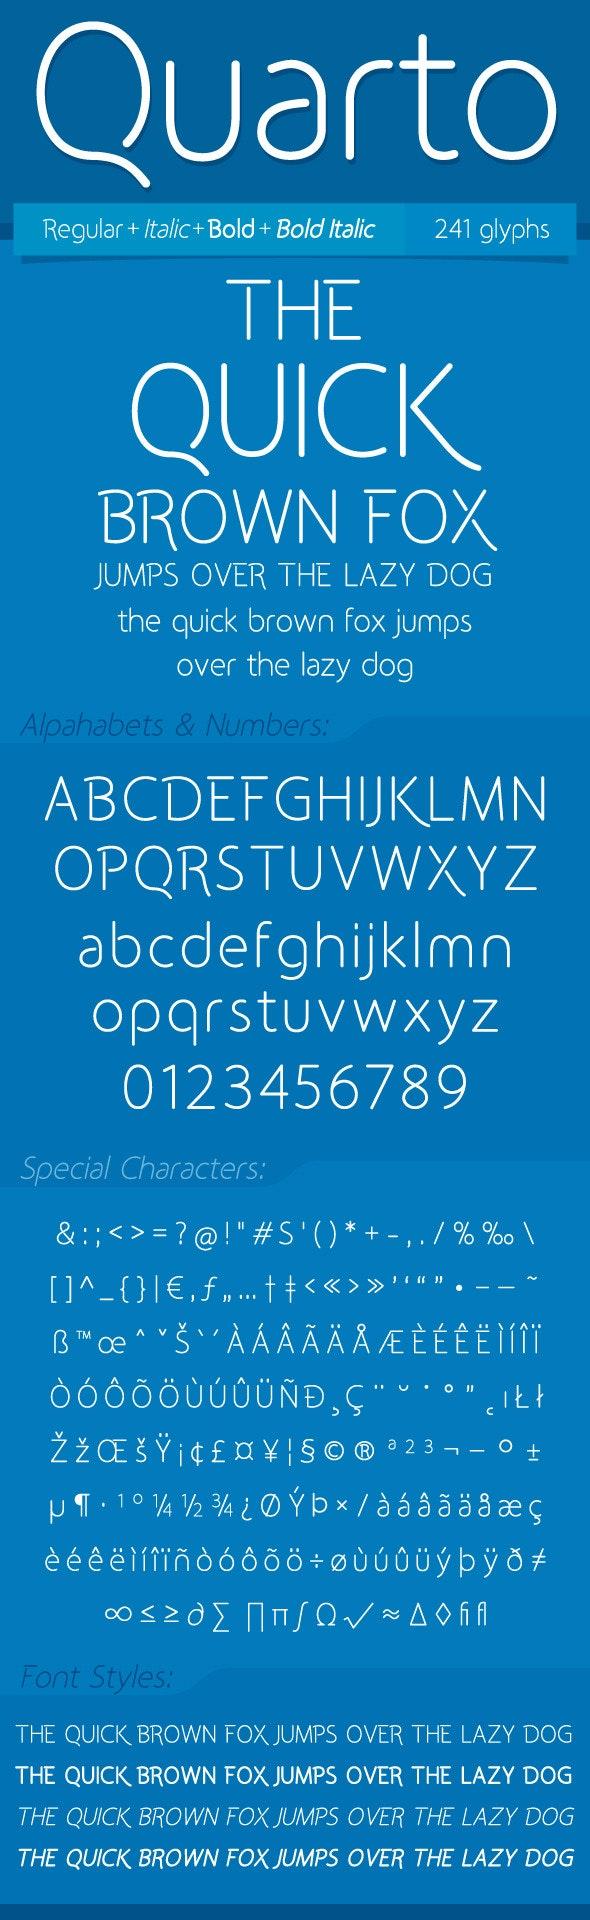 Quarto Font - Fonts